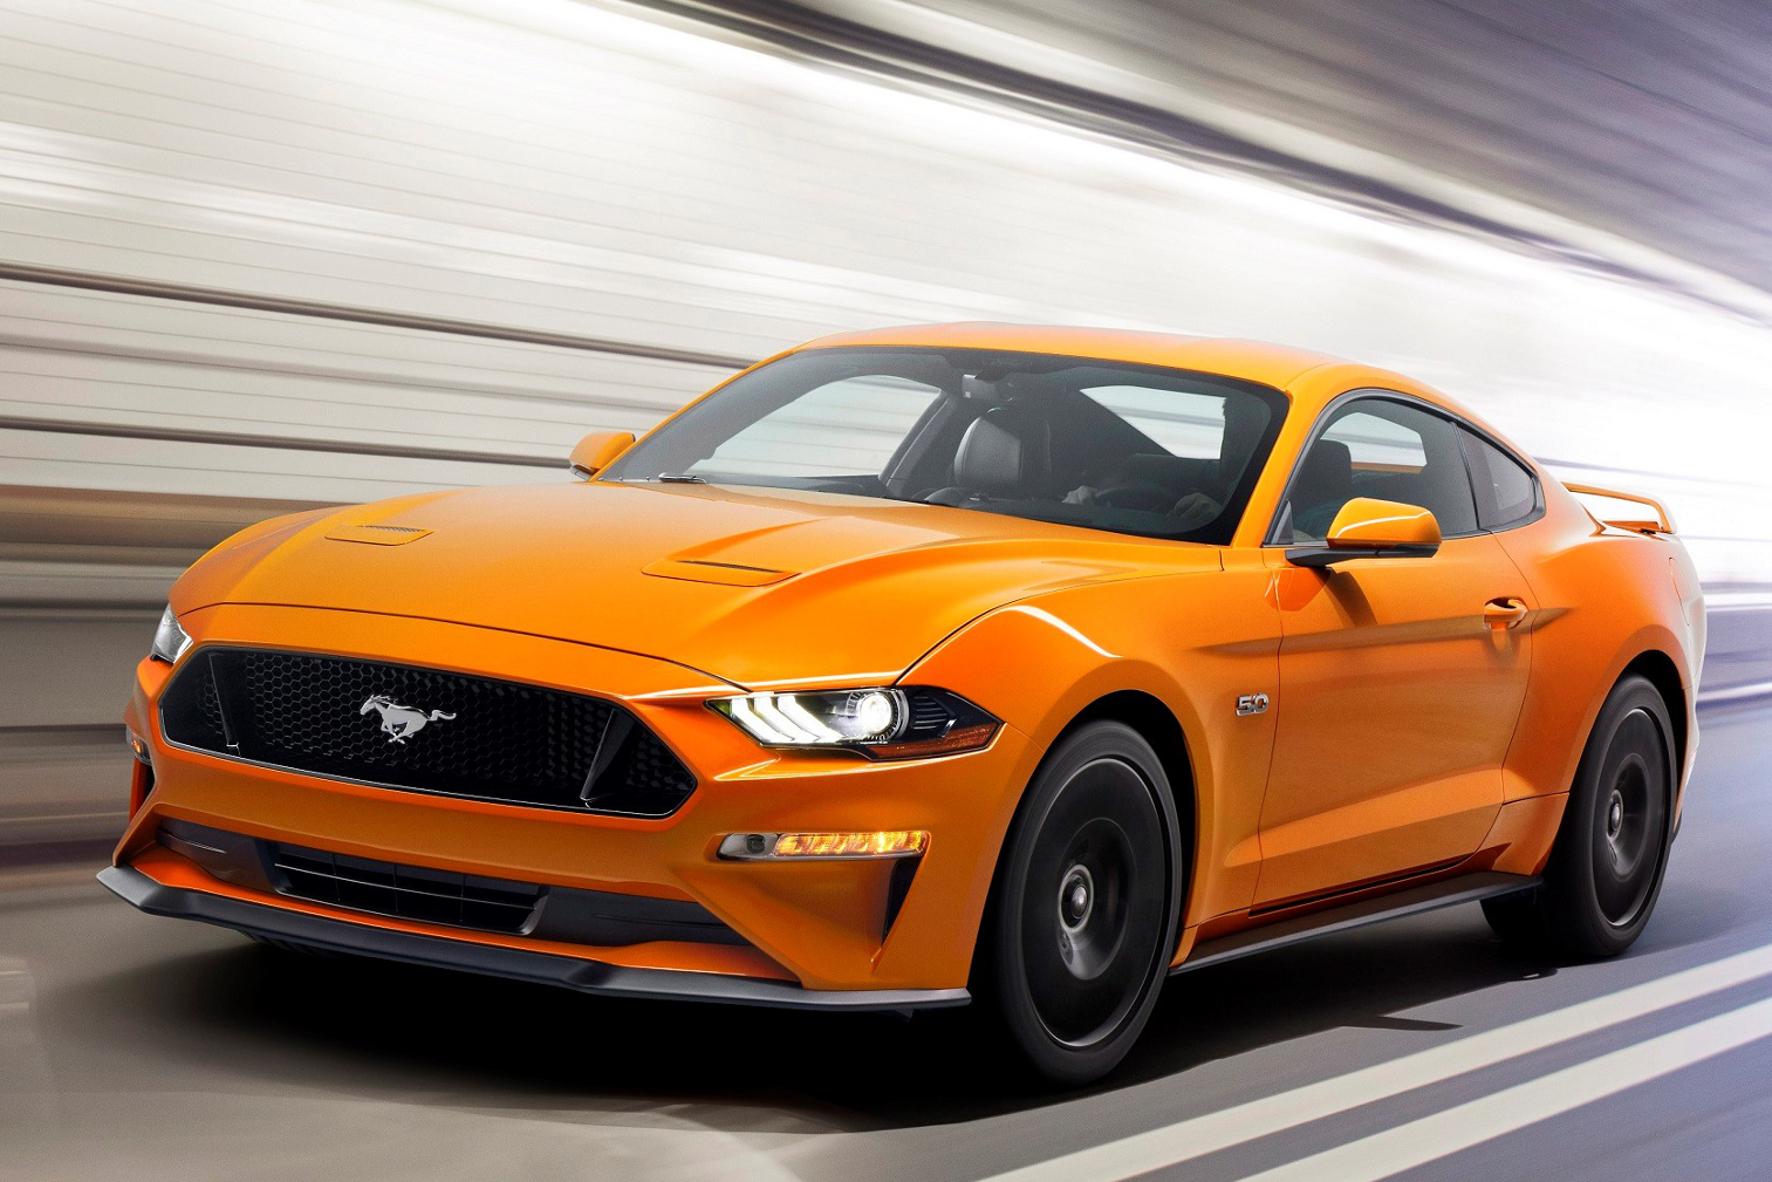 mid Groß-Gerau - So sieht er aus, der überarbeitete Ford Mustang. Die gezeigte US-Version kommt in Nordamerika im Herbst auf den Markt, deutsche Mustang-Fans müssen sich bis zum ersten Quartal 2018 gedulden.